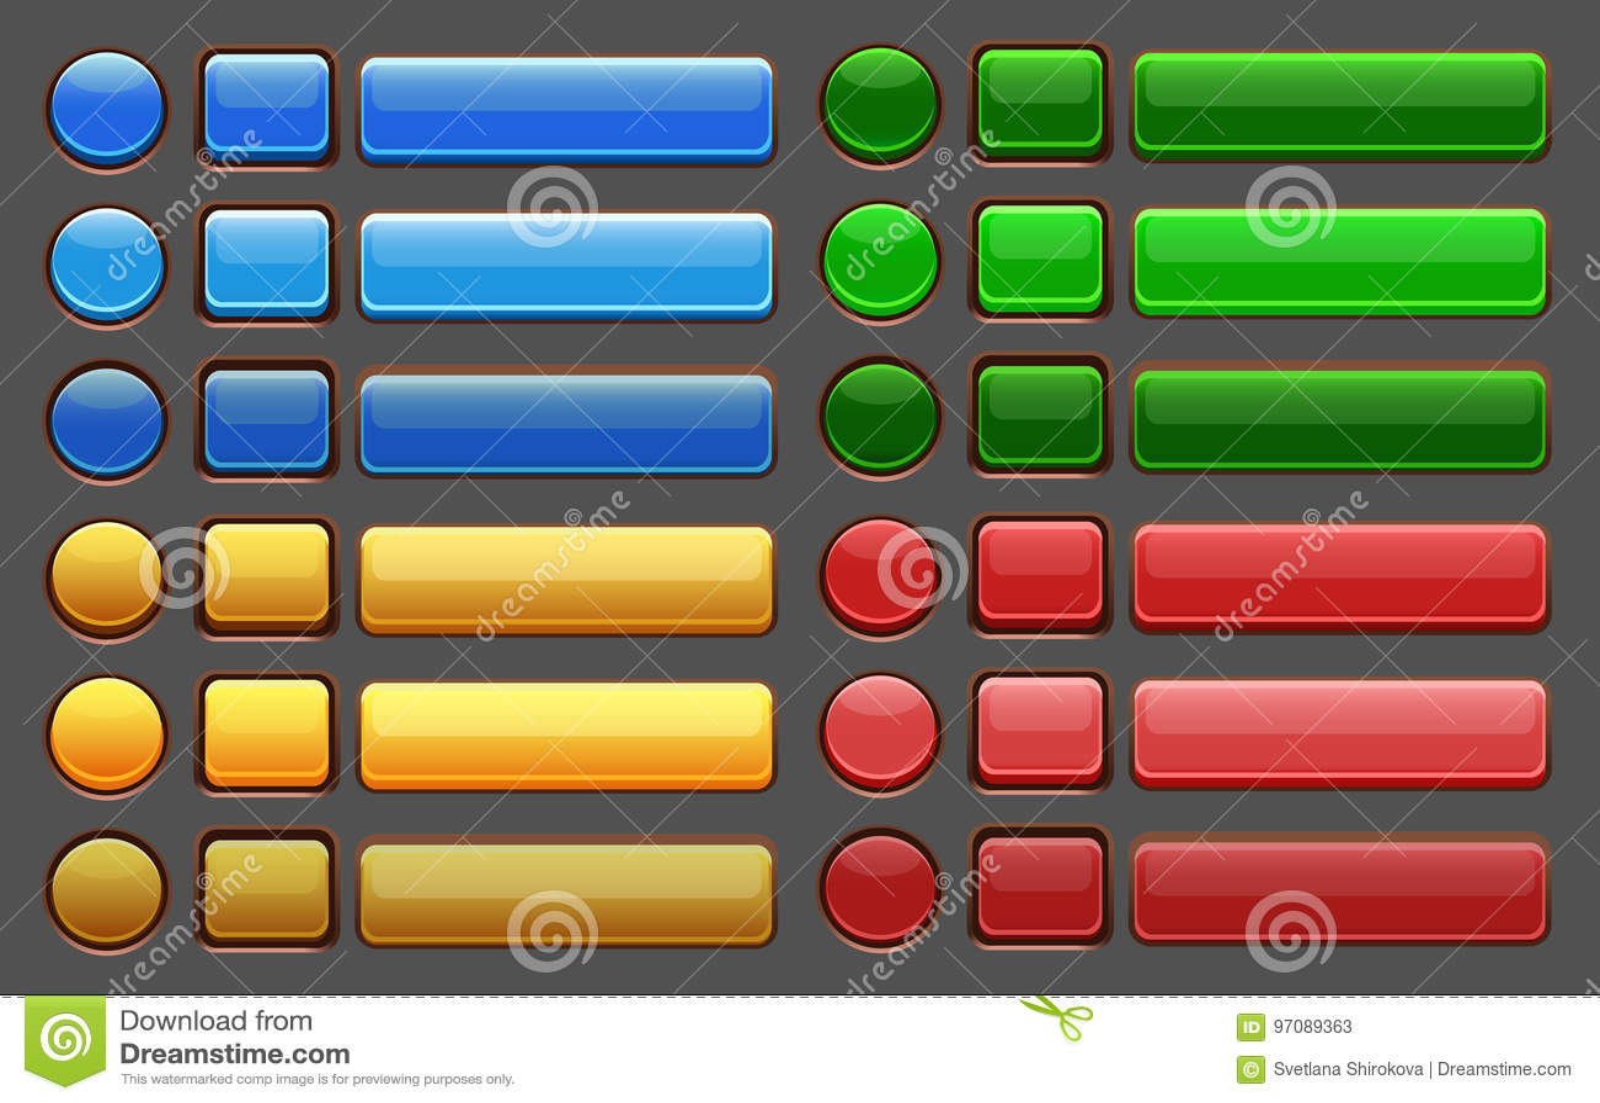 Bloco do GUI dos botões do jogo